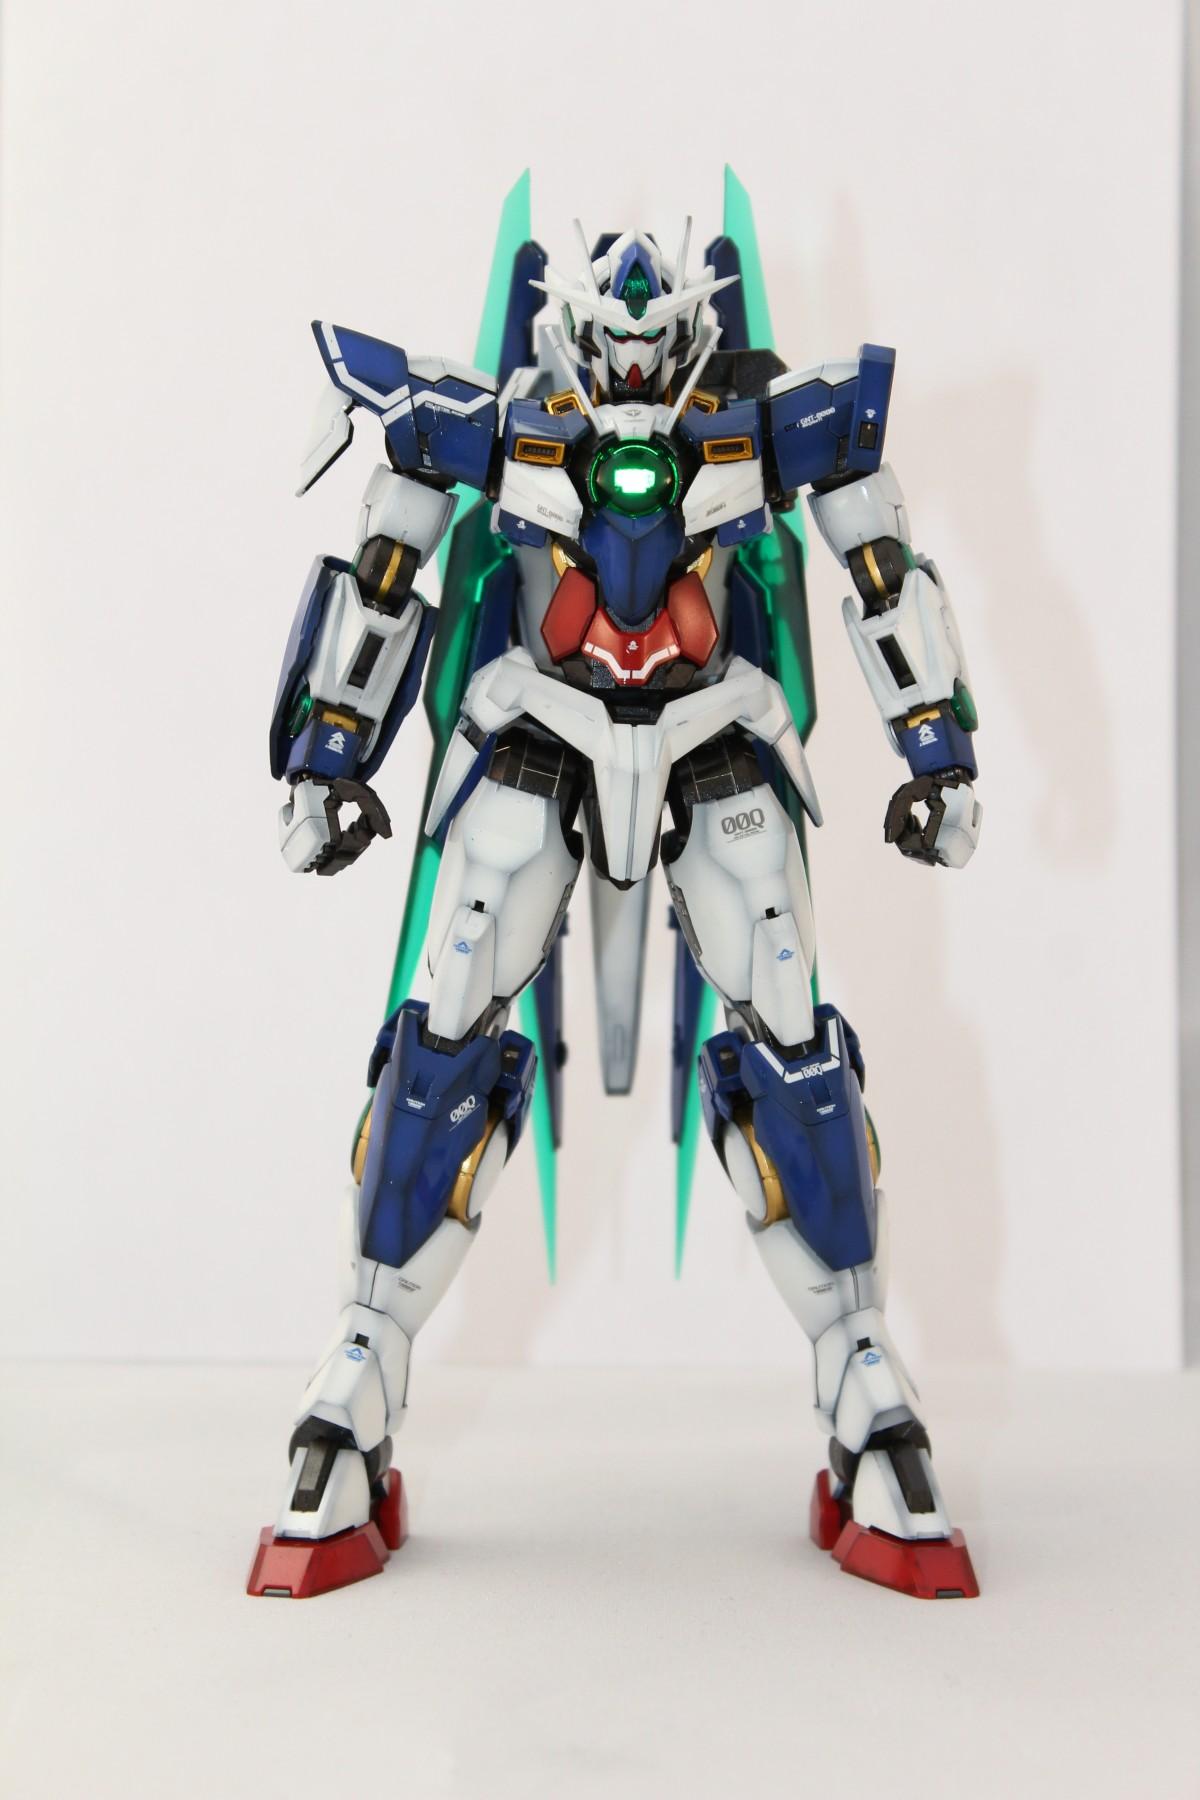 T Gundam Bandai Sd Bb 364 Oo Qant Qanta Quanta Mg 1 100 00